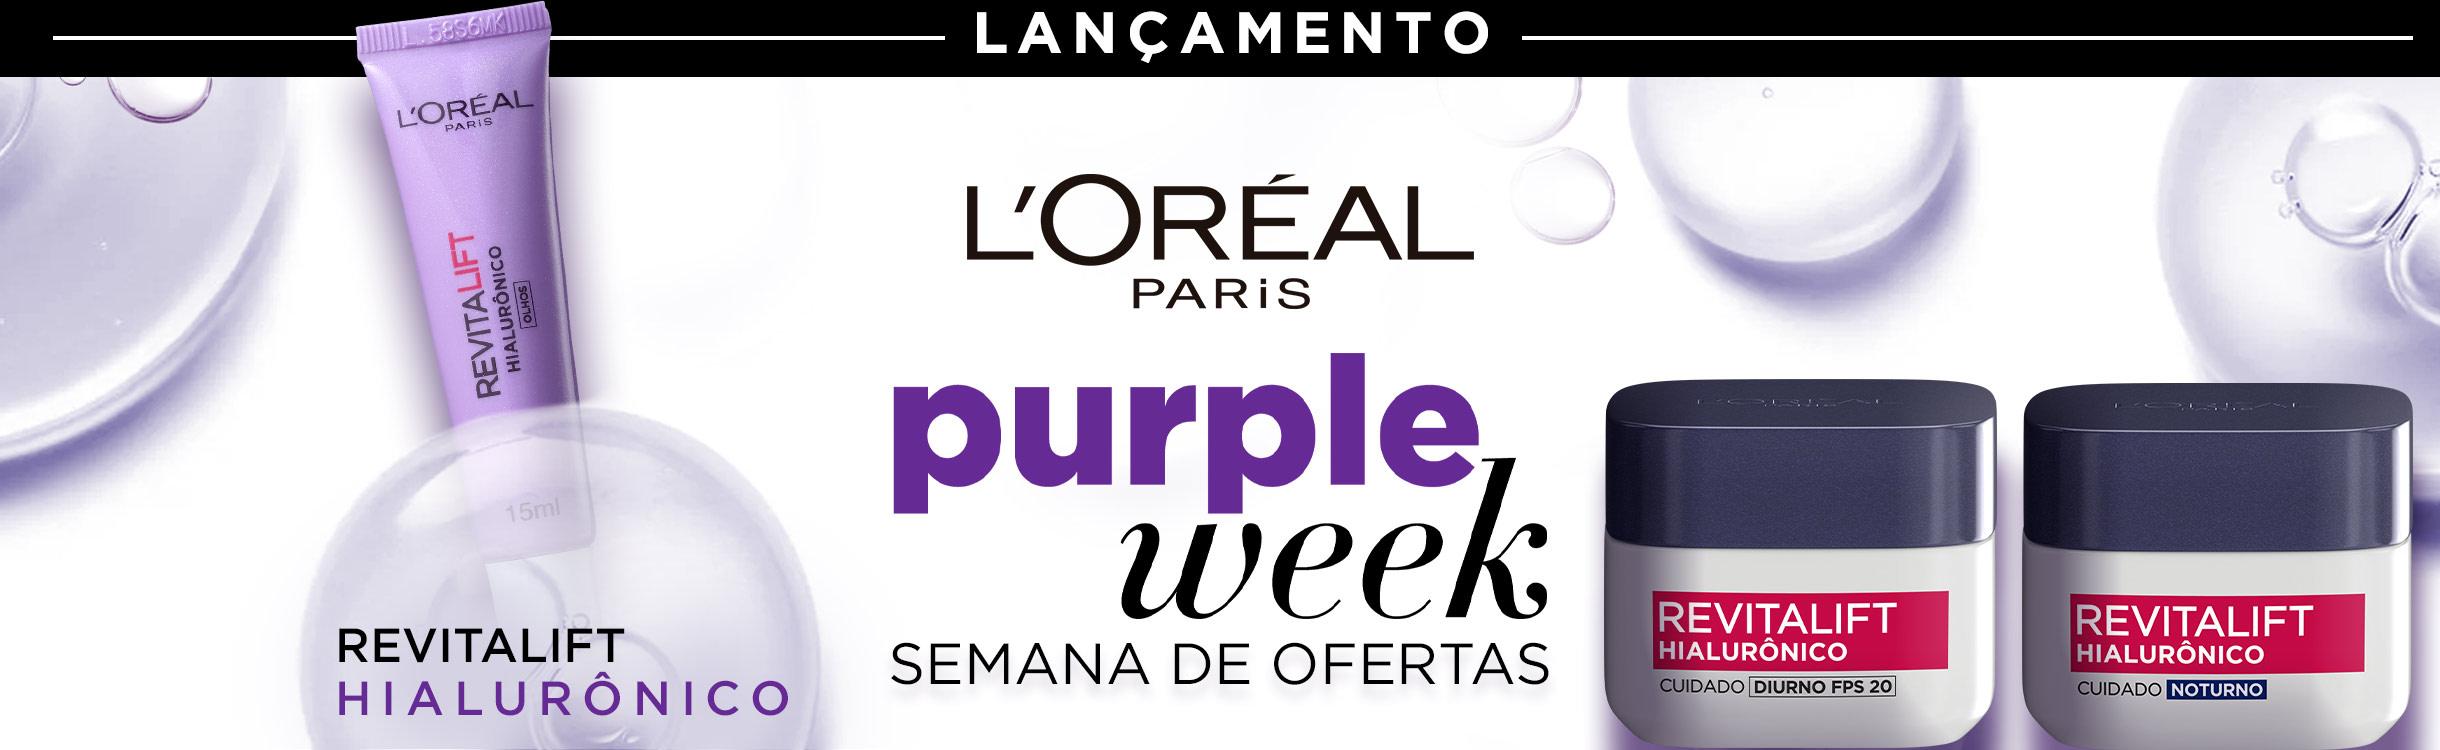 Revitalift L'Oréal Paris